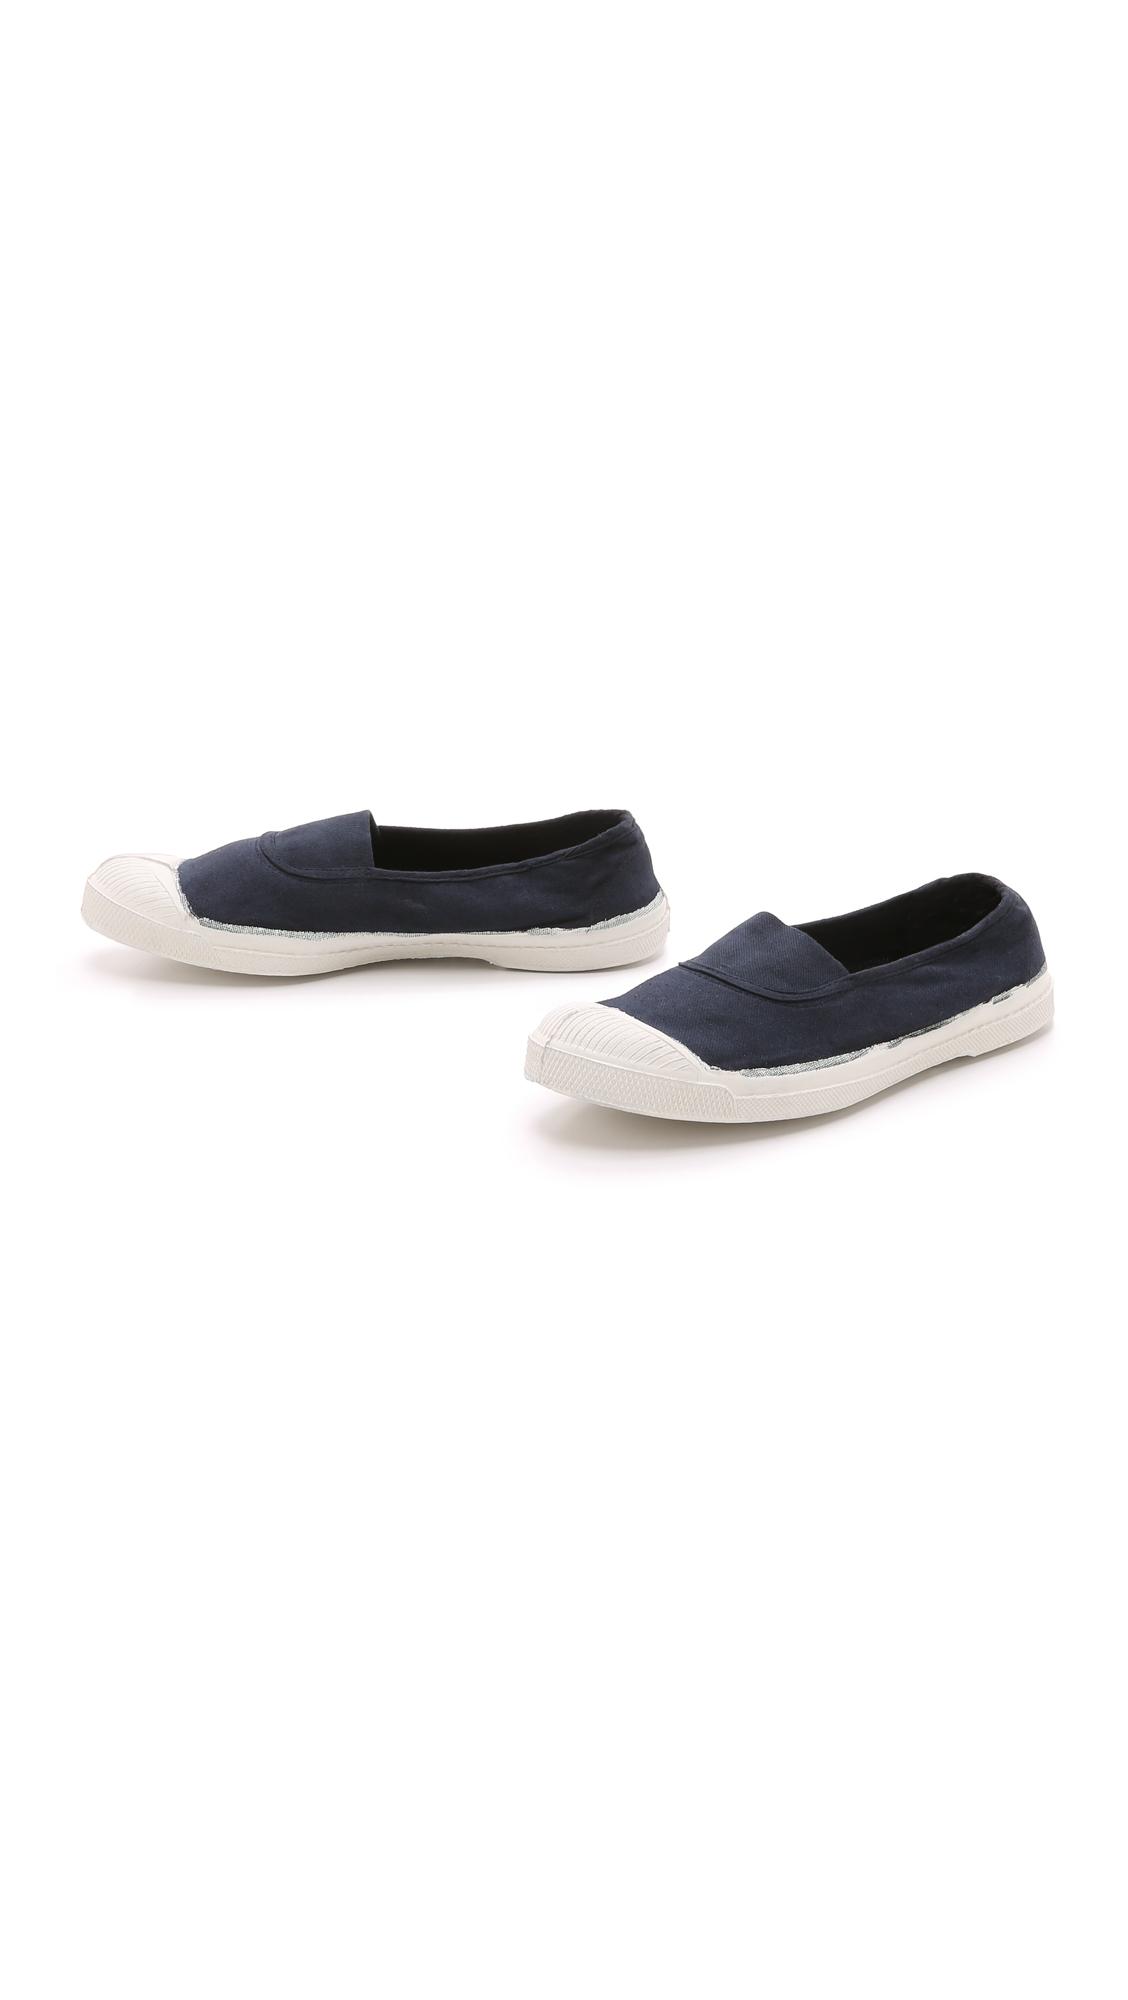 Bensimon Tennis Elastique Sneakers in Navy (Blue)